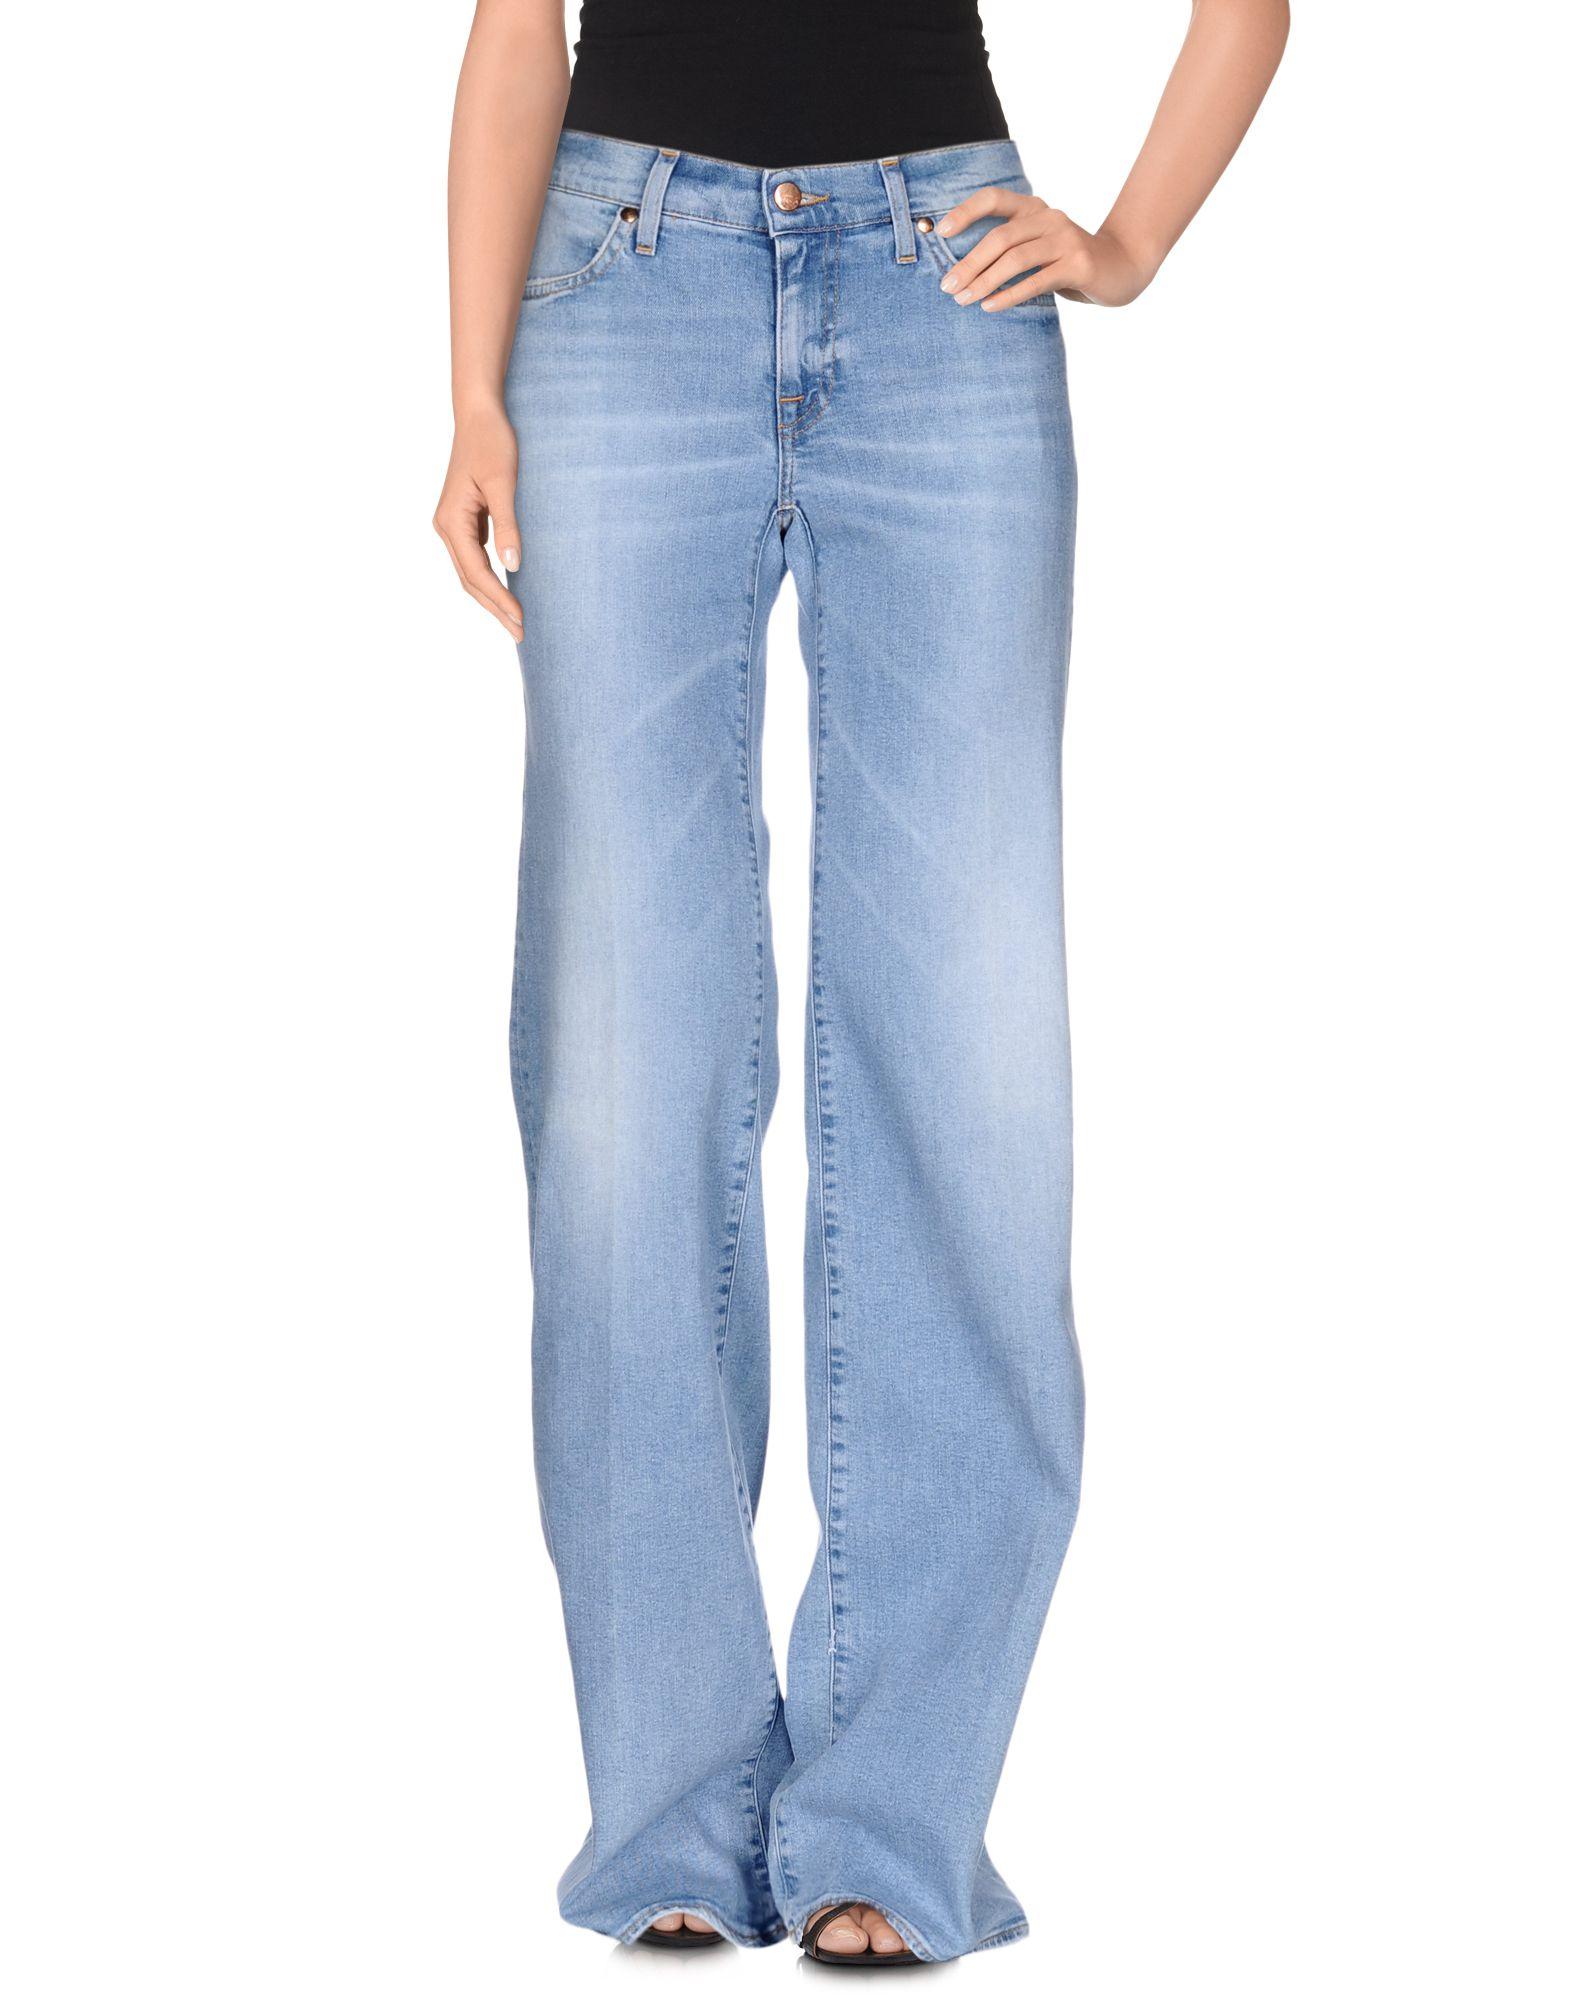 (+) PEOPLE Джинсовые брюки плавки &quot кактусы&quot для девочки 28631 71 04 разноцветный noble people